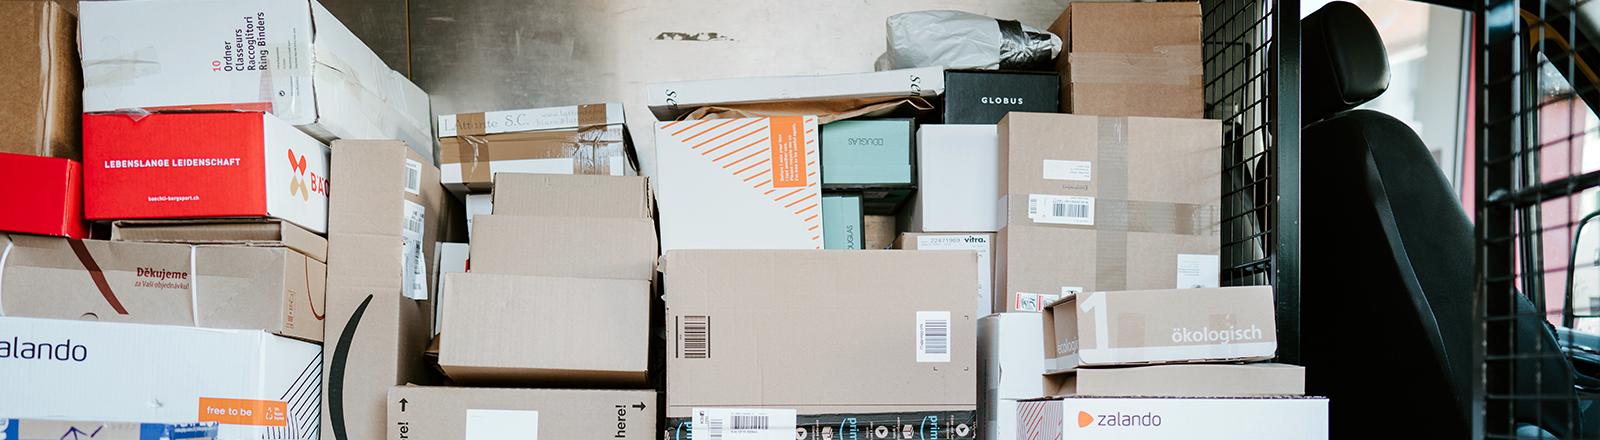 Viele Pakete in einem Lieferwagen